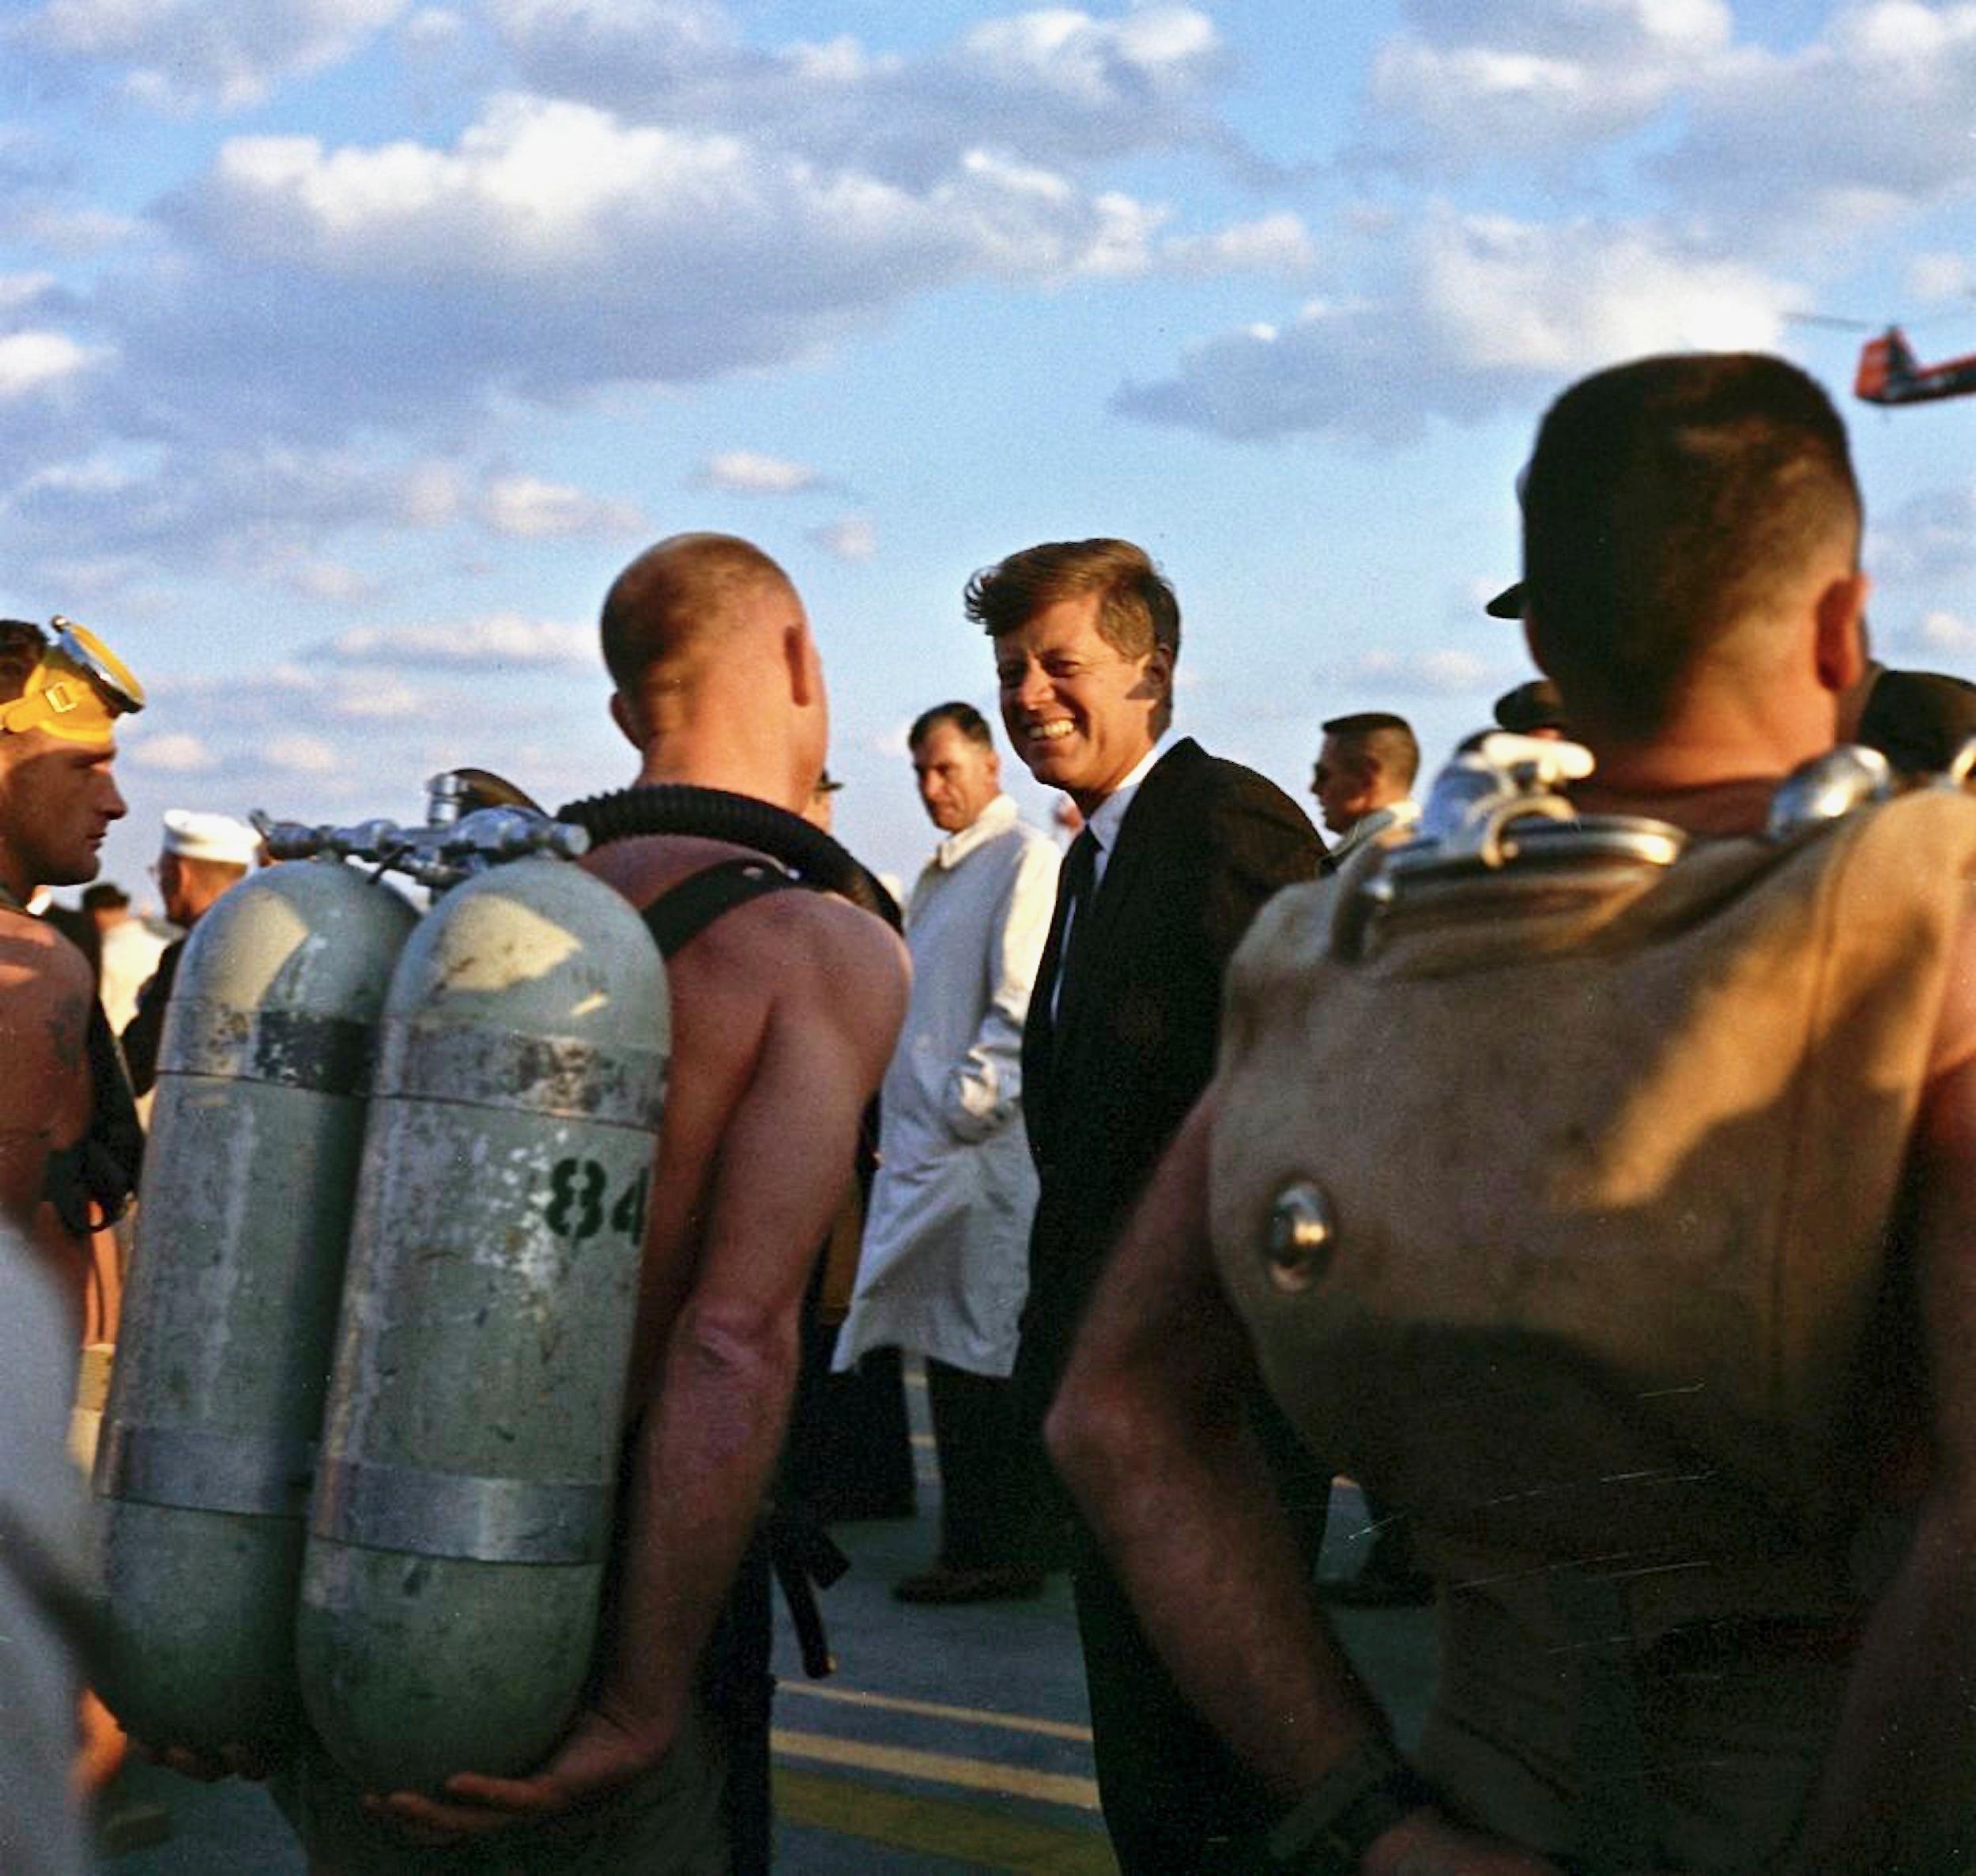 President John F Kennedy Former Navy Lt Speaks With SEAL Team 2